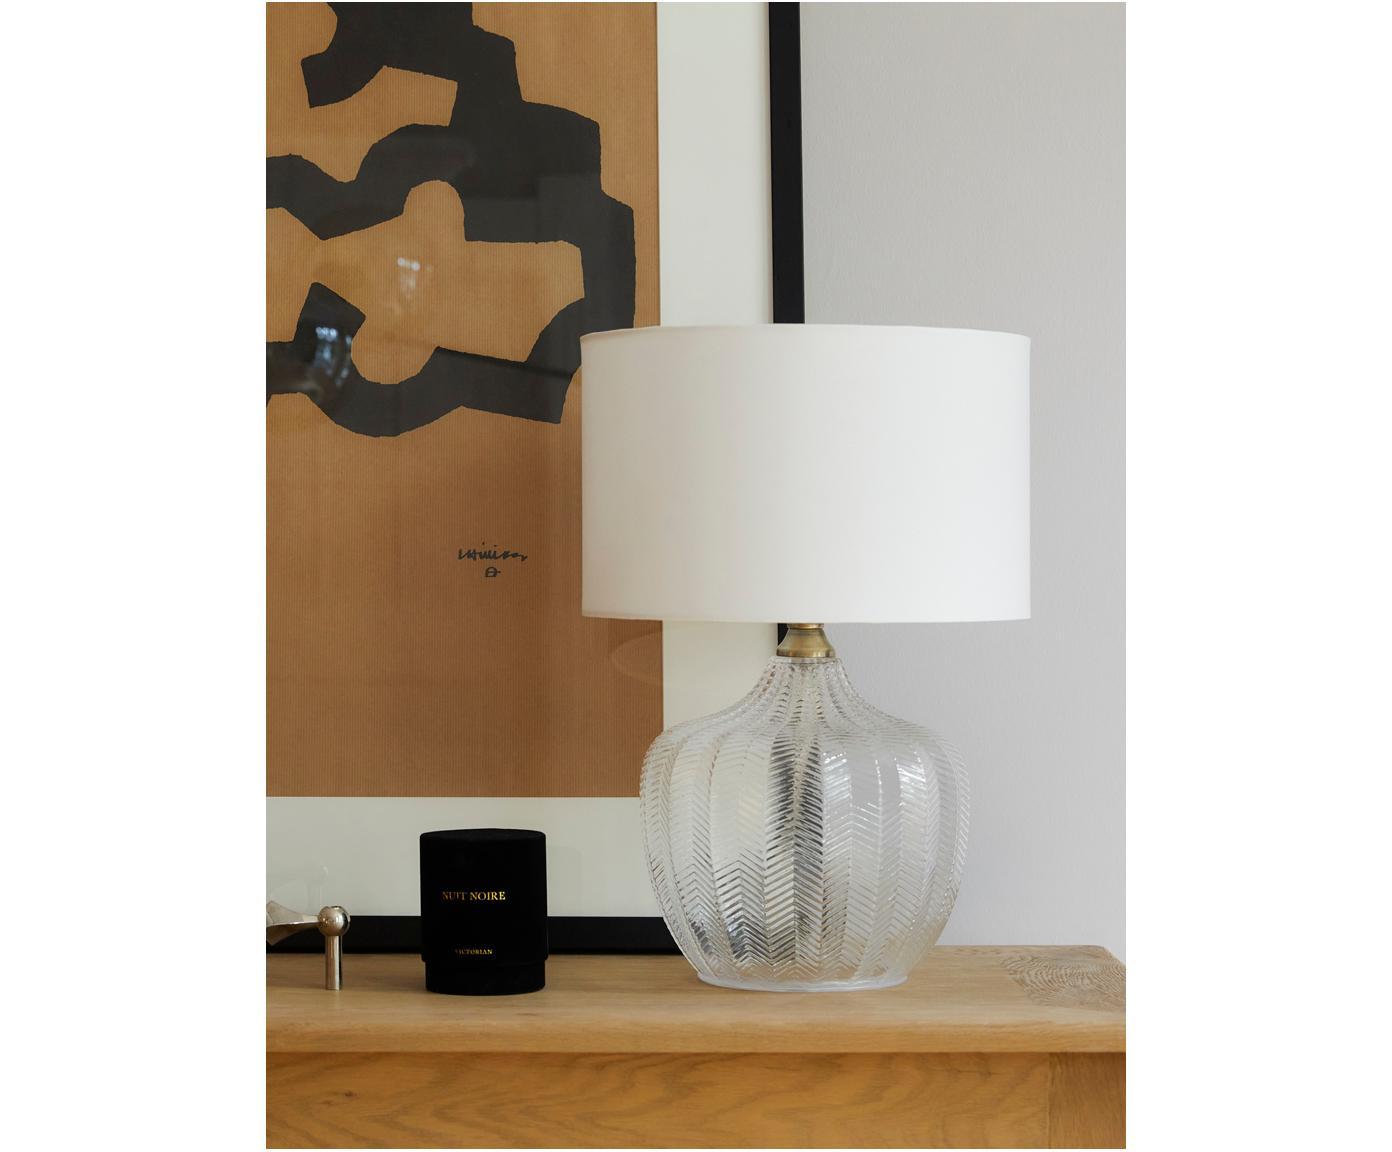 Lampada da tavolo Sue, Paralume: tessuto, Base della lampada: vetro, metallo ottonato, Paralume: bianco Base della lampada: trasparente, ottone spazzolato, Ø 33 x Alt. 47 cm